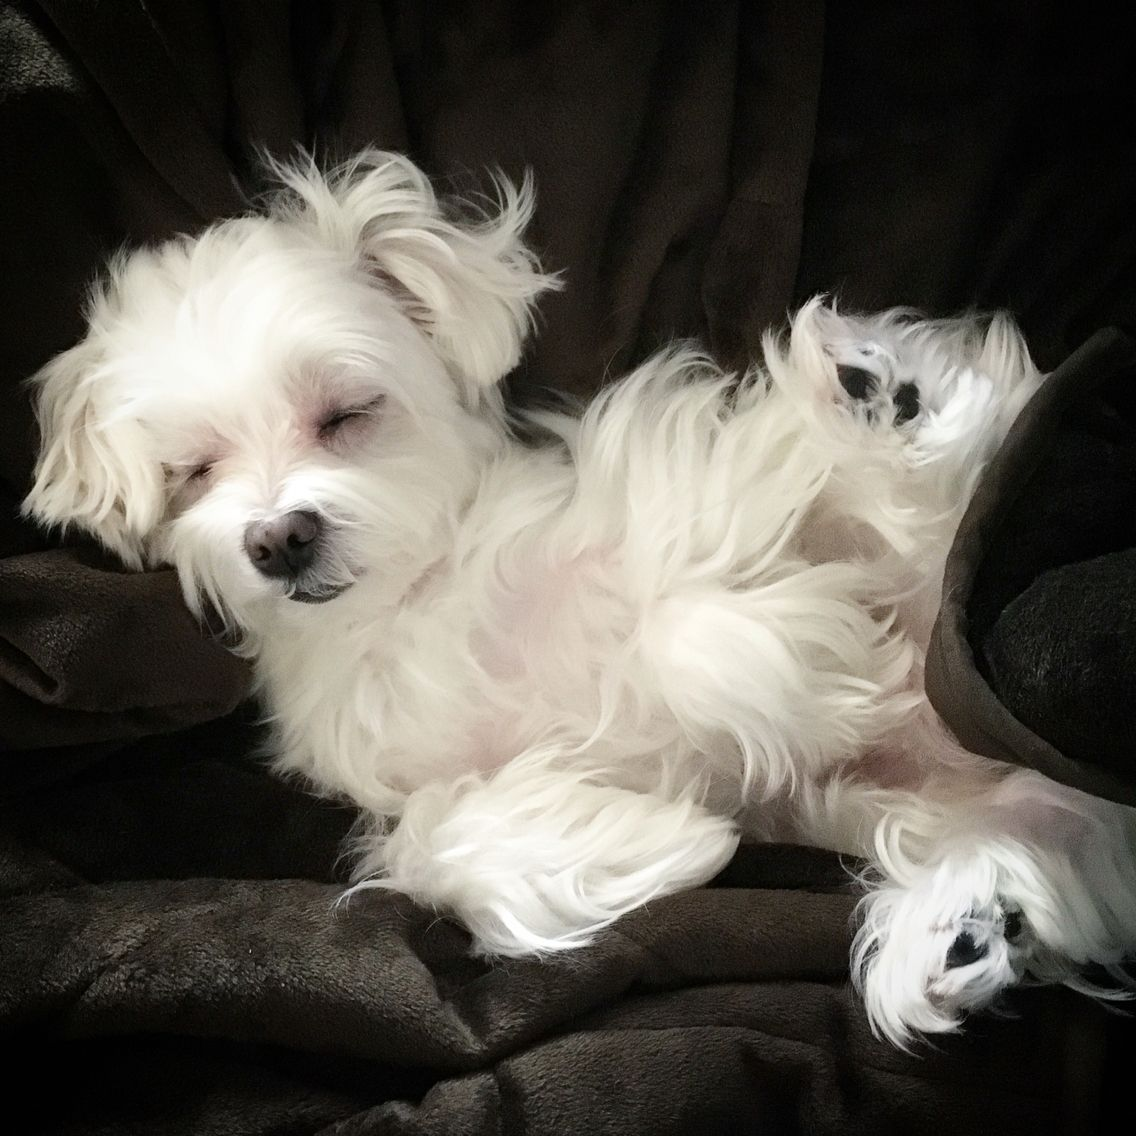 die besten 25 hund malteser ideen auf pinterest malteser hunde hund wassermelone und s e boys. Black Bedroom Furniture Sets. Home Design Ideas